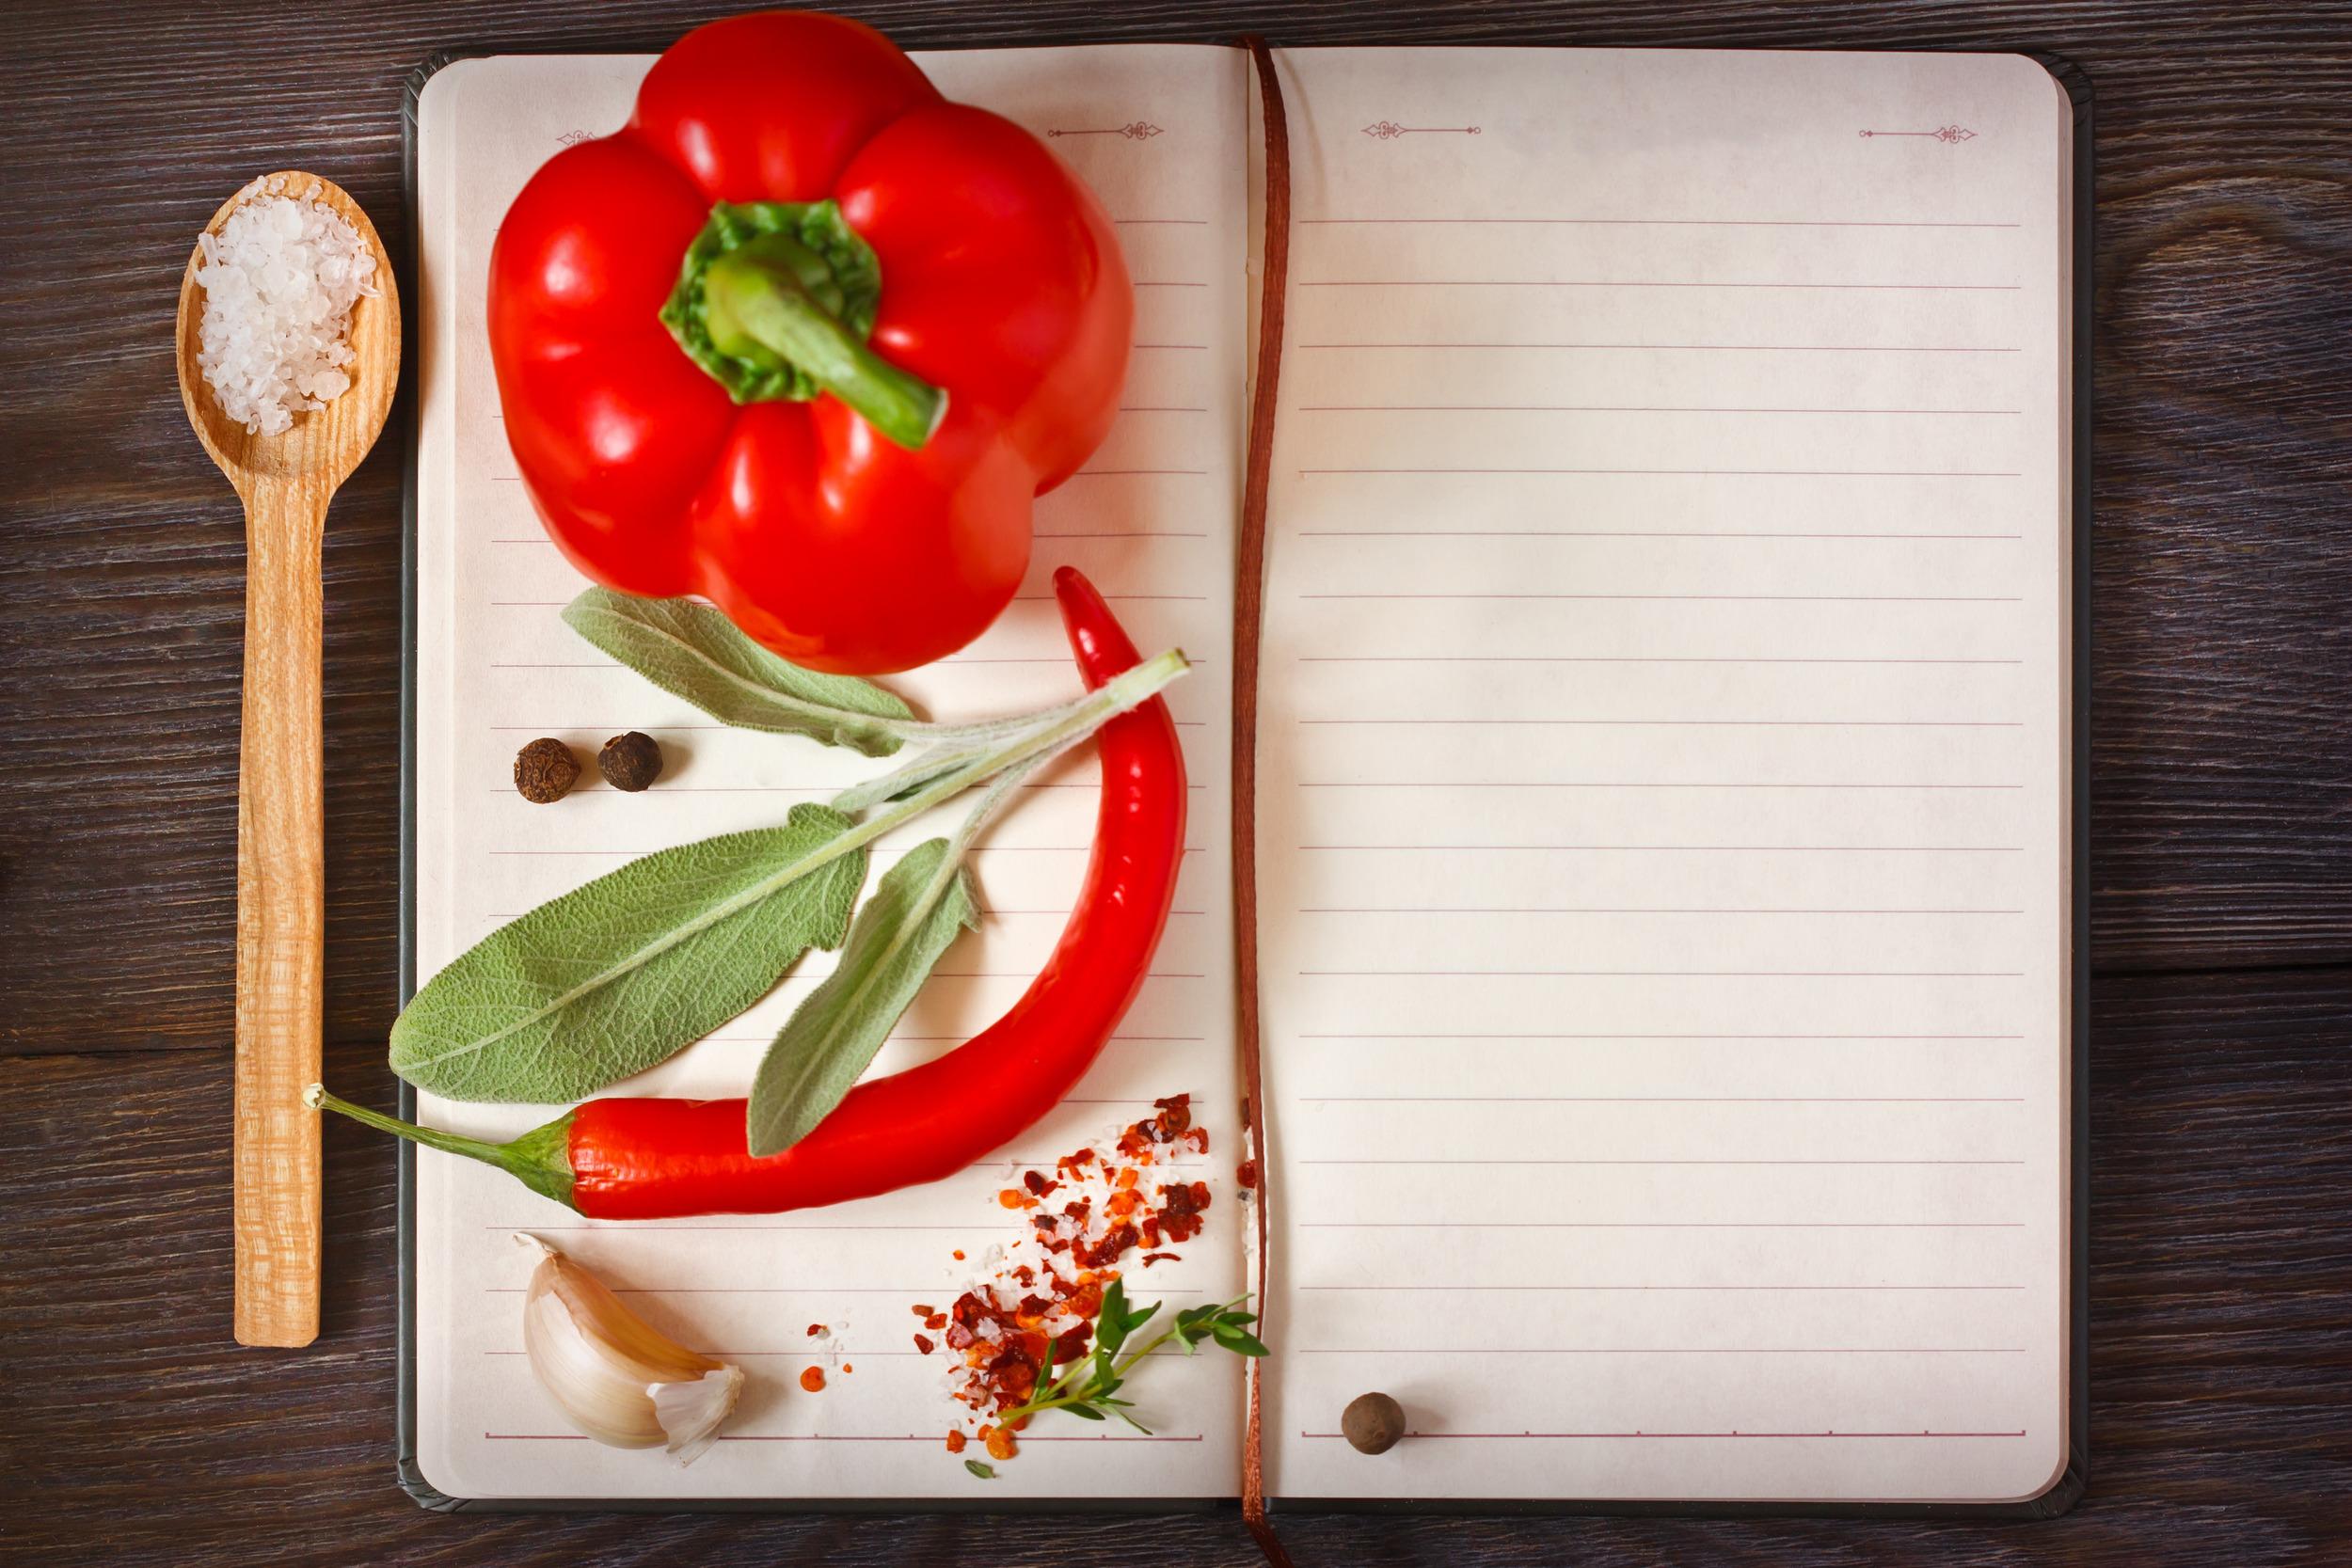 photodune-6672521-cook-book-l.jpg